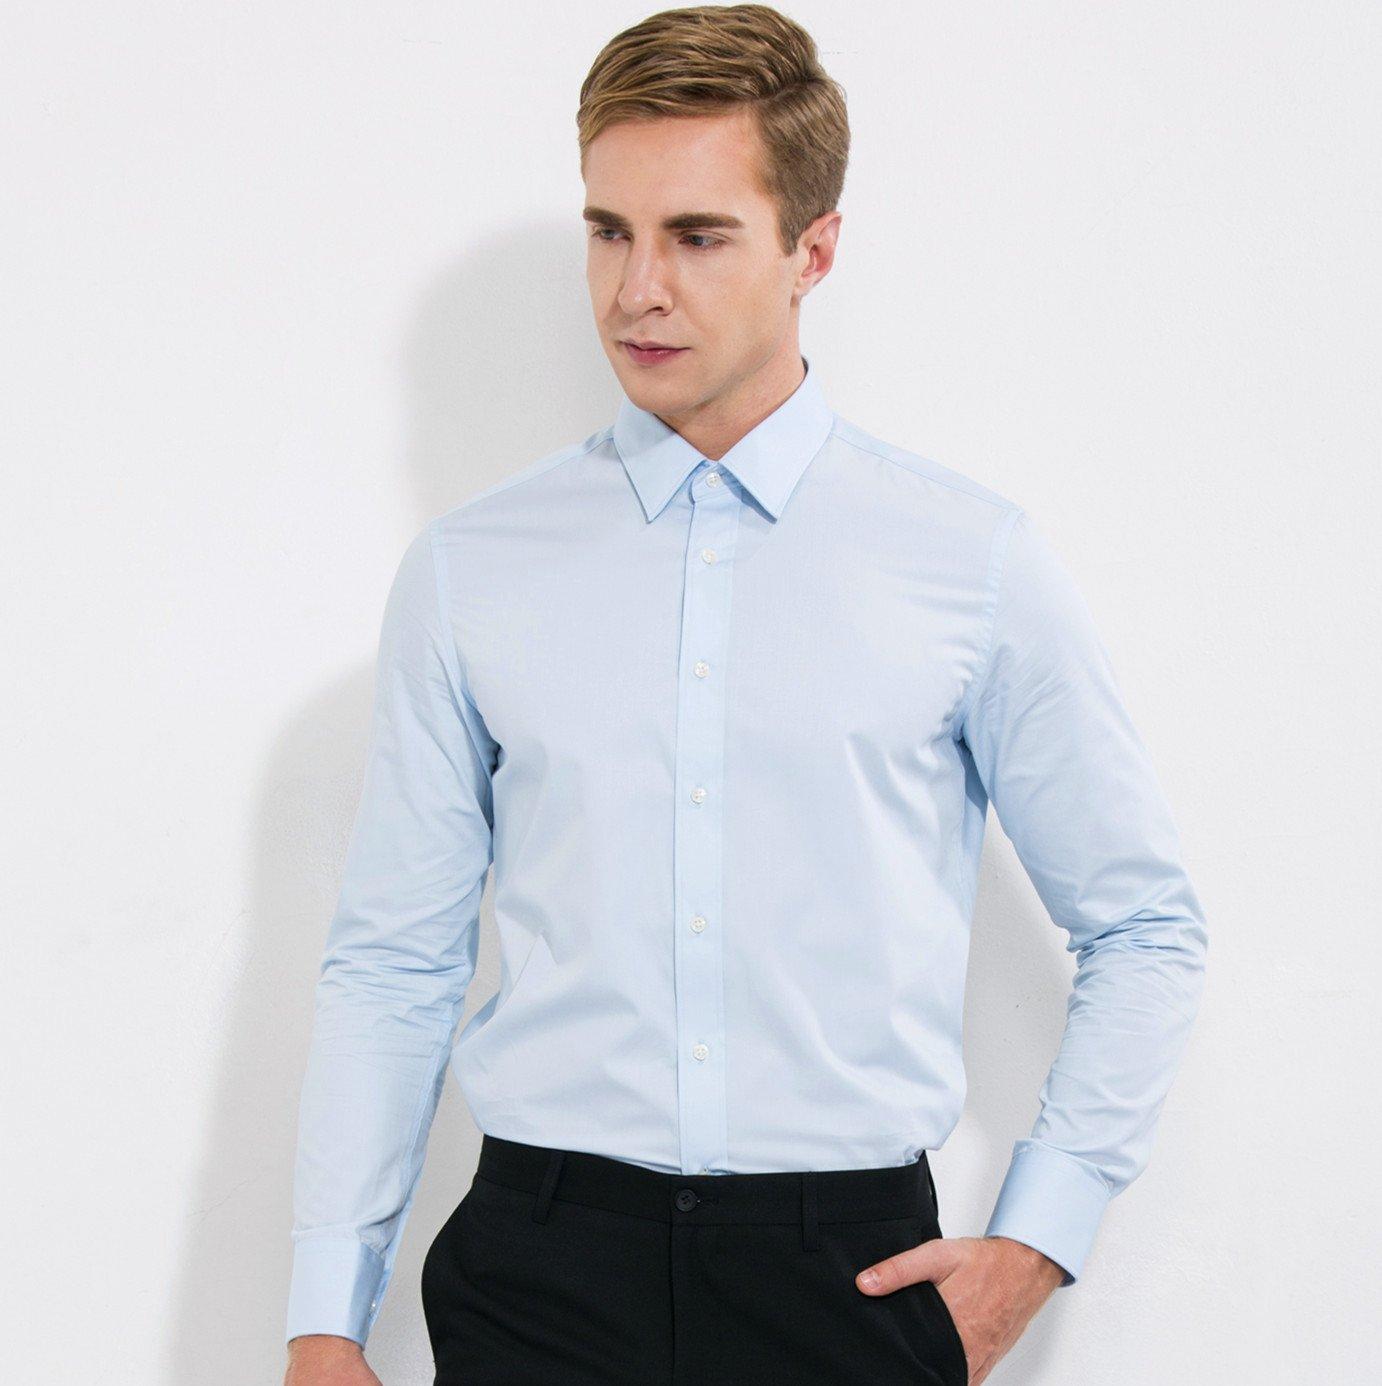 Nvunskd männer langärmelige Shirt Hemd Overall dp Besetzung  Herren Langarm Hemd,Wathet,39